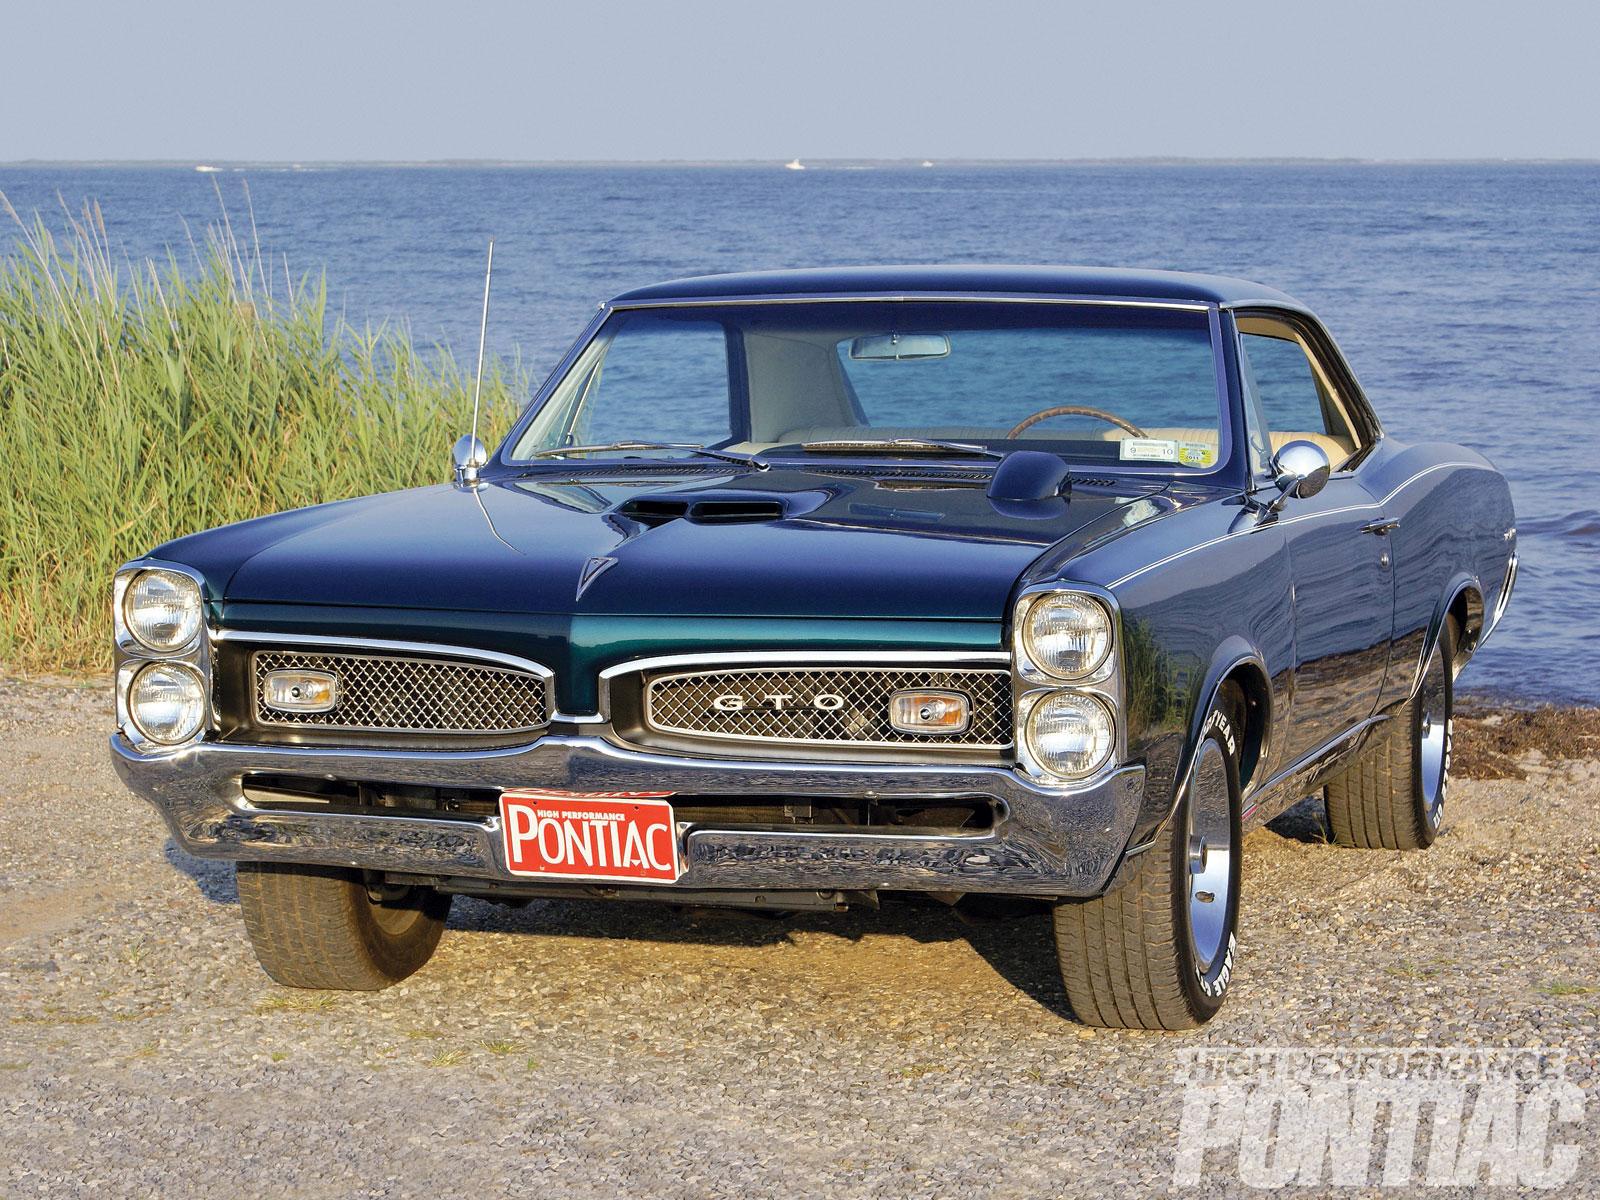 1967 Pontiac Gto Front 1600x1200